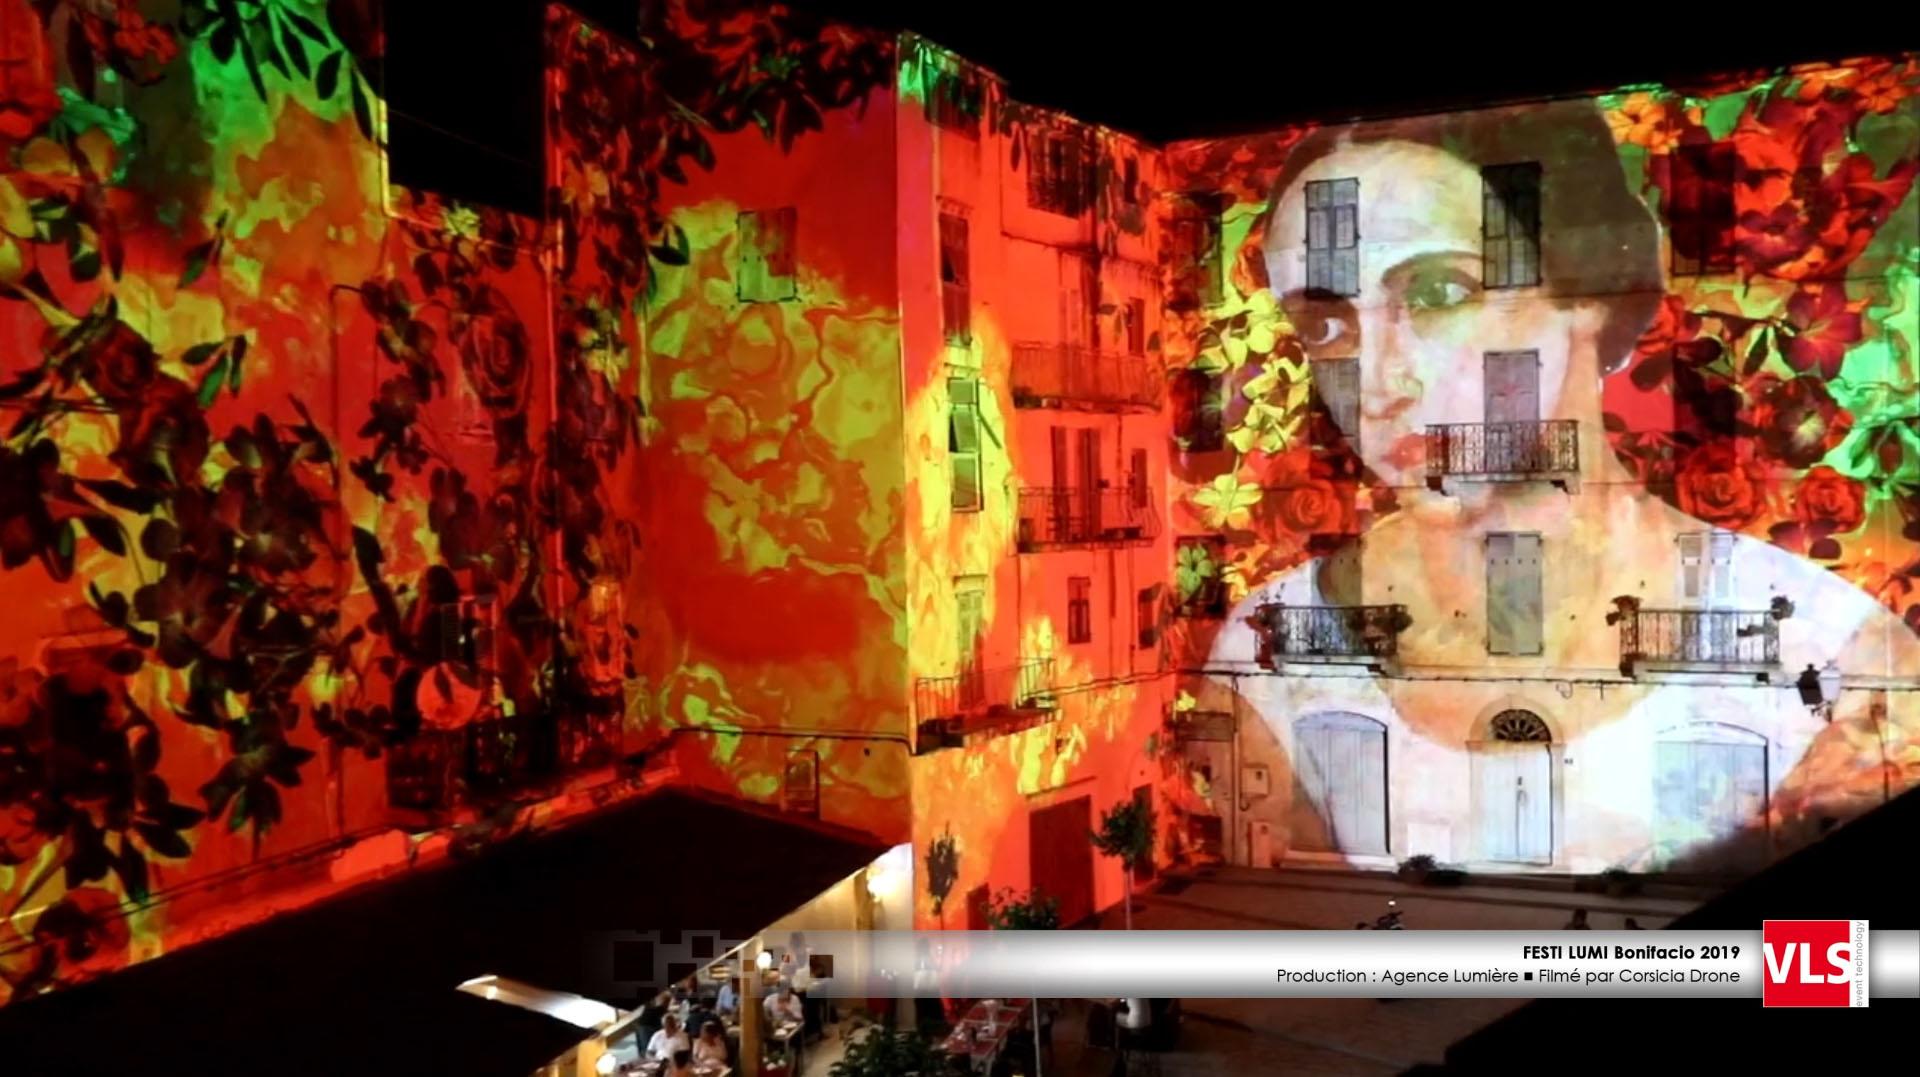 animation en vidéo mapping d'une place à Bonifacio